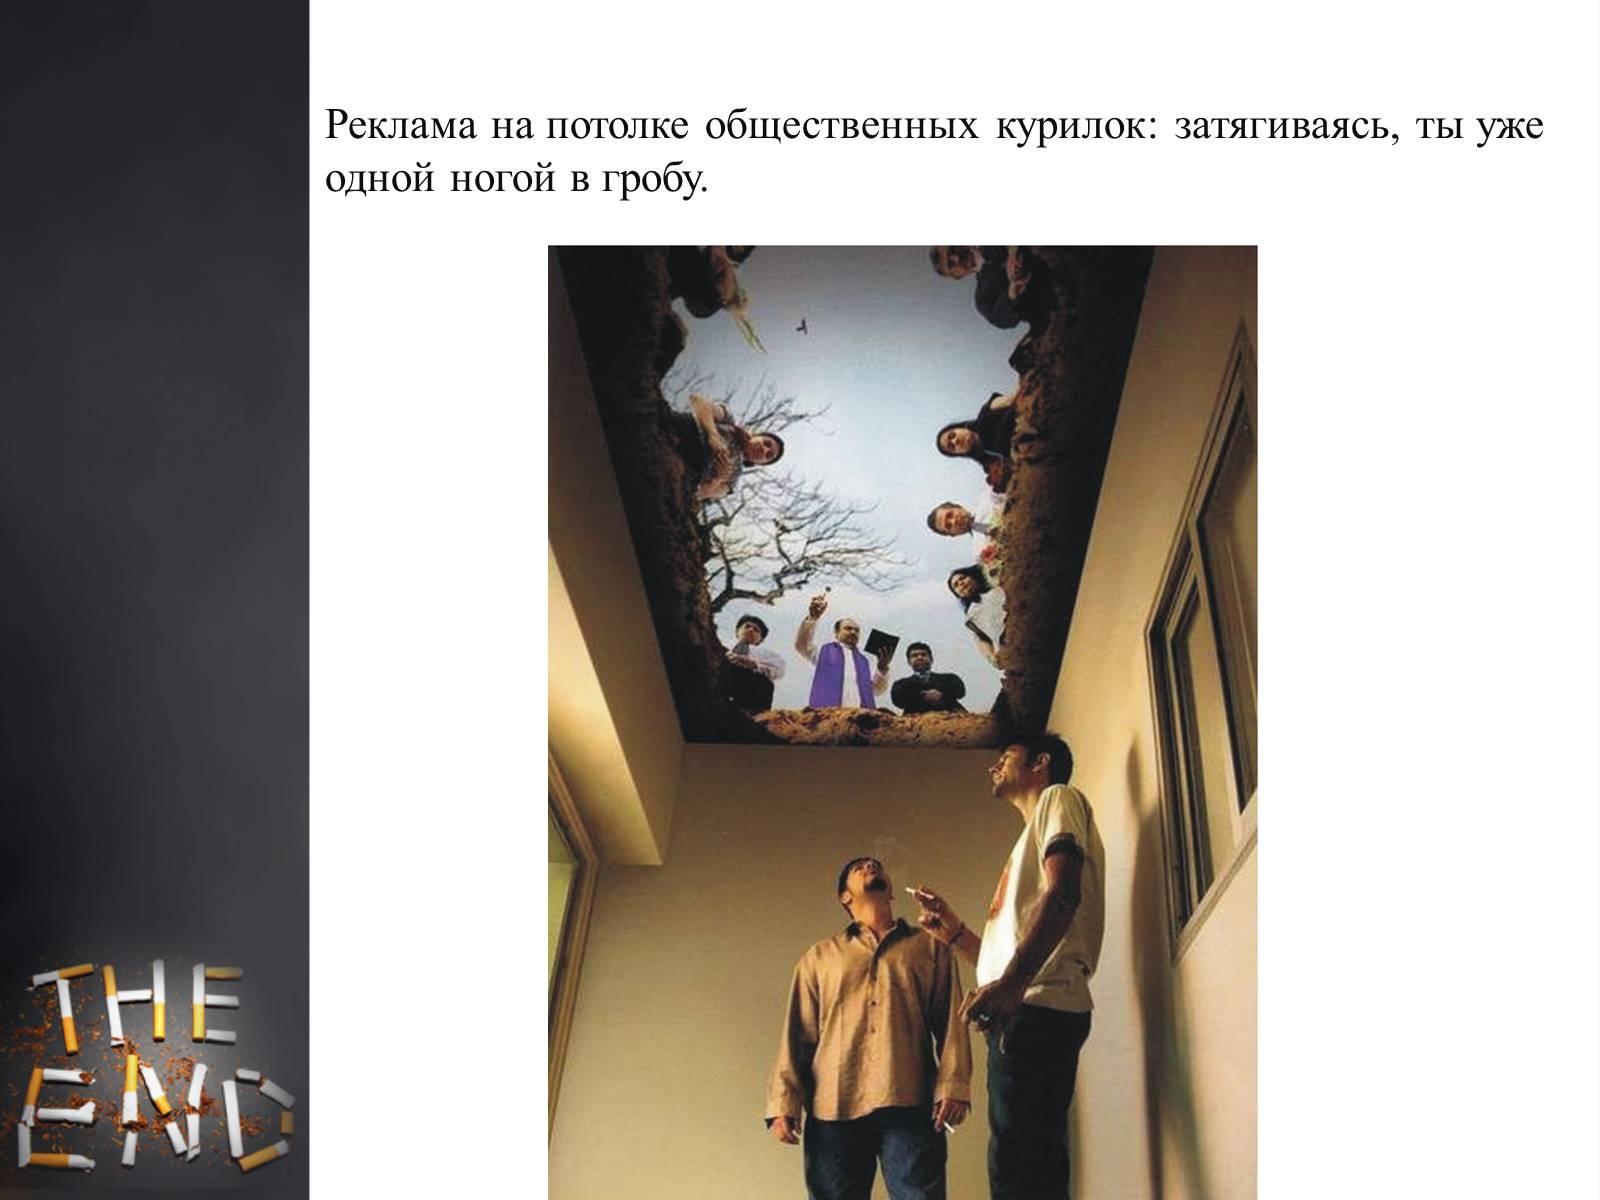 Картинка на потолке в курилке